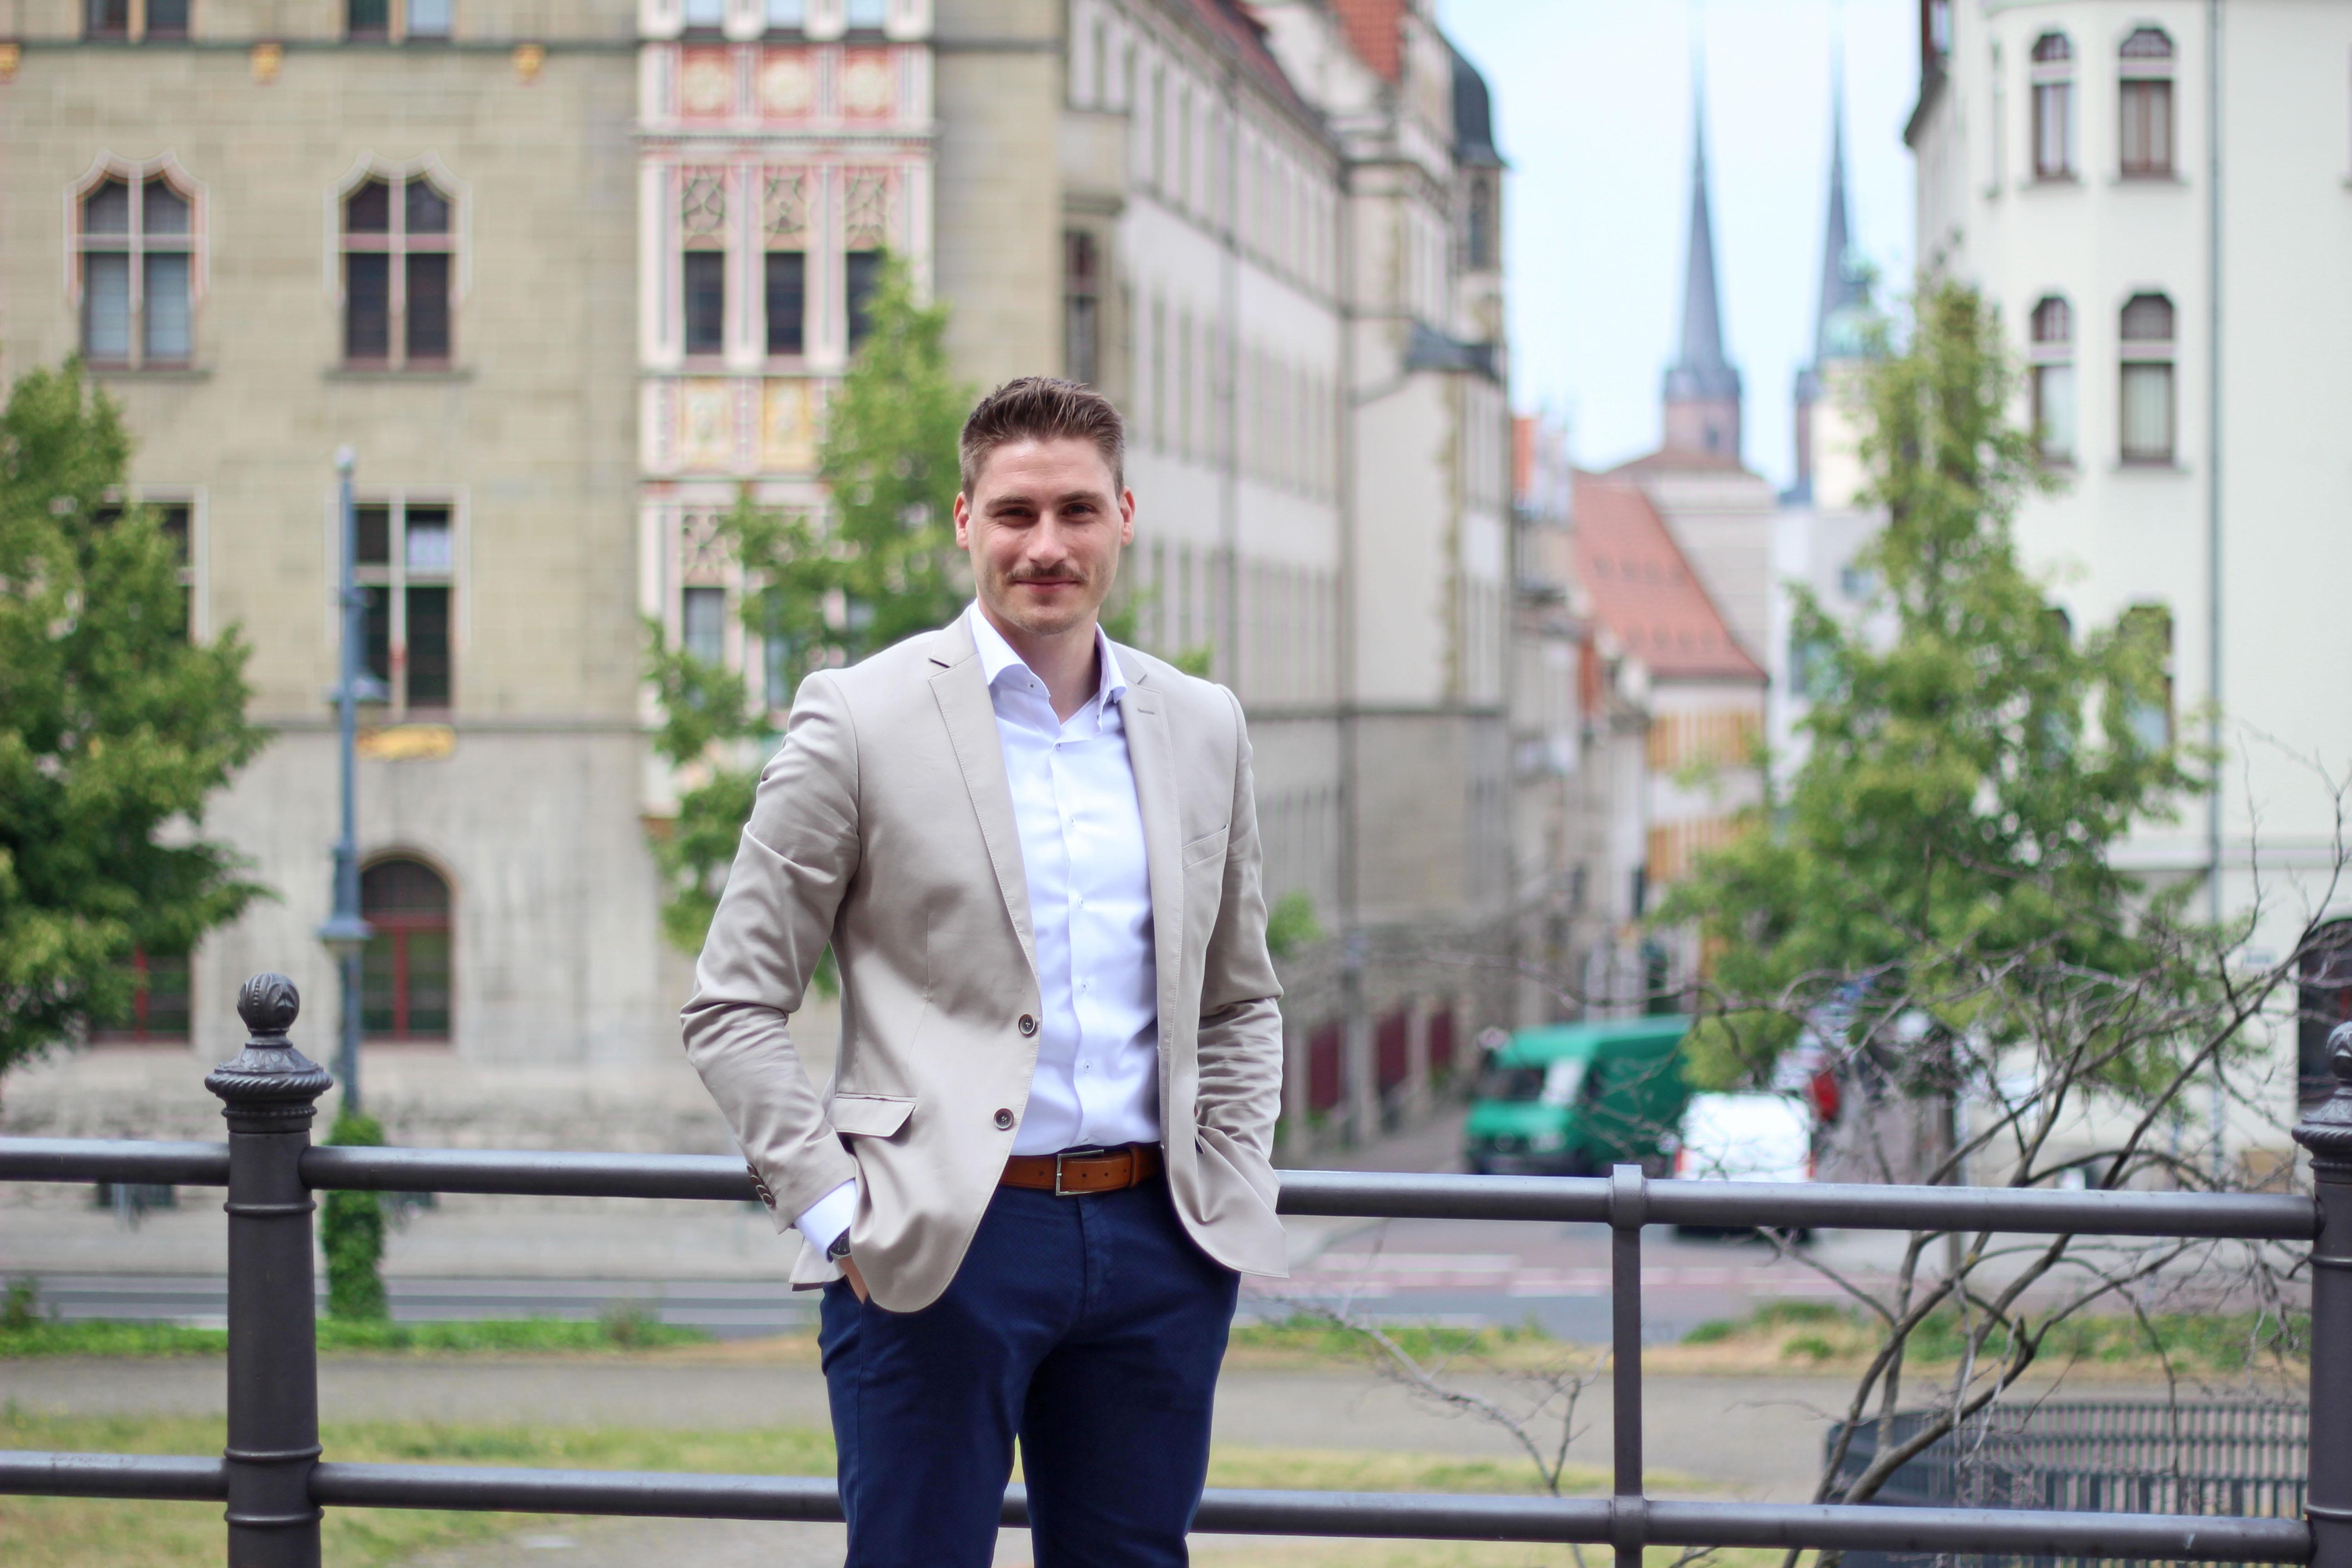 HS Immobilienberatung Sporbert Immobilienprofi